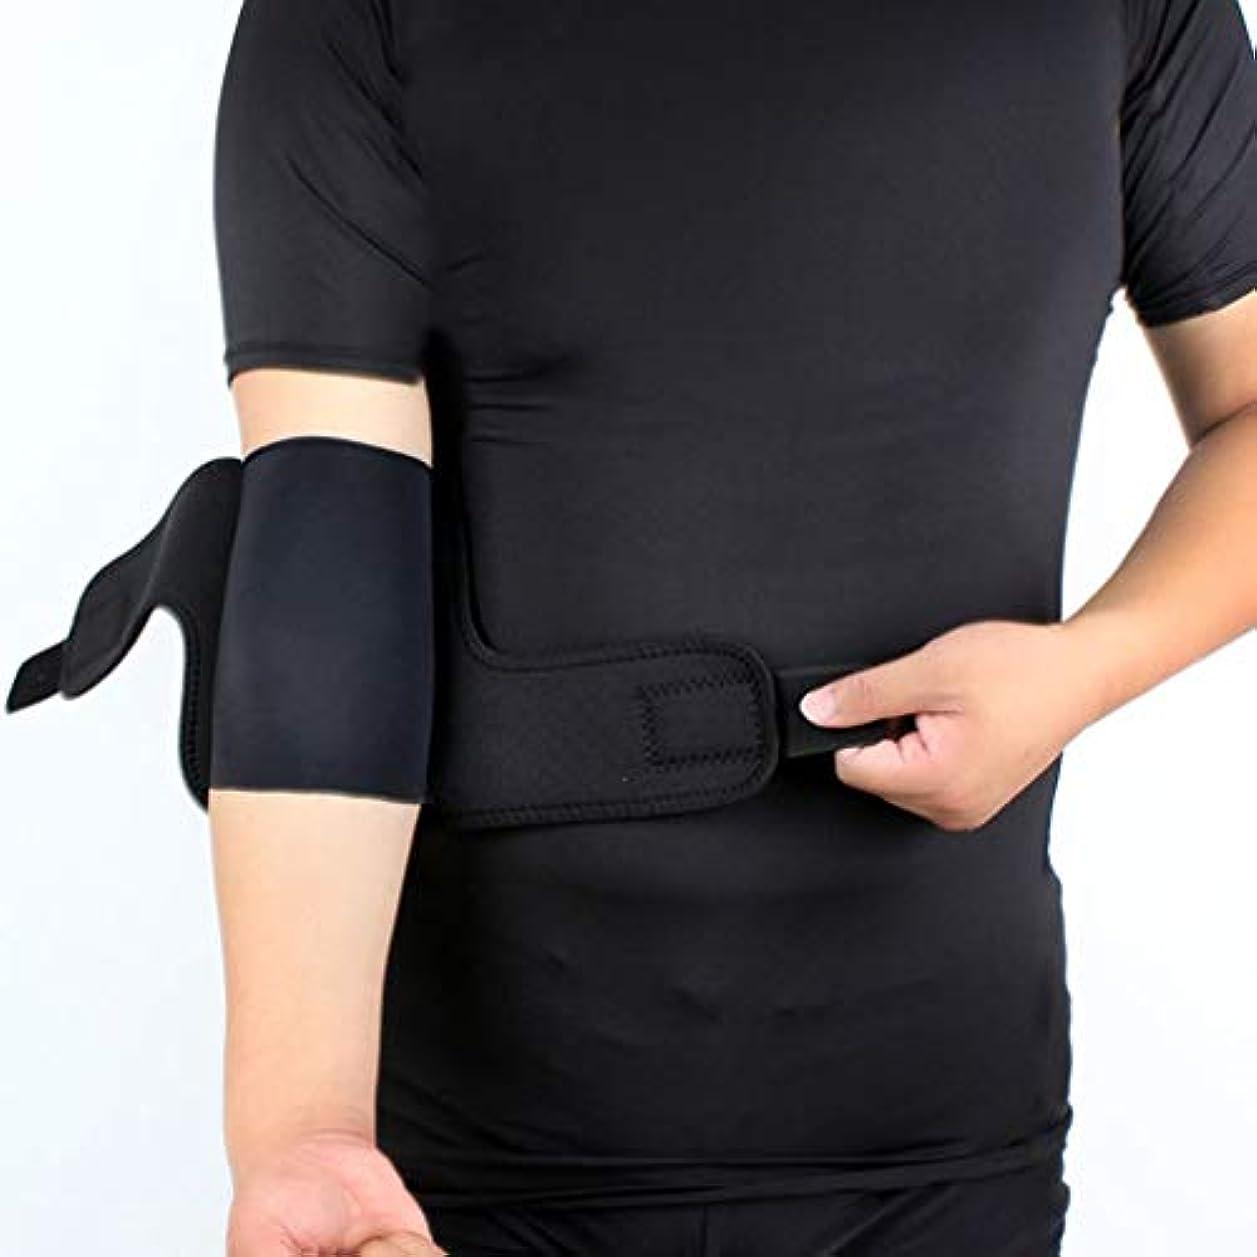 モトリーアクティビティ規定スポーツ肘プロテクターバスケットボールアームガード通気性保護肘パッド-Rustle666